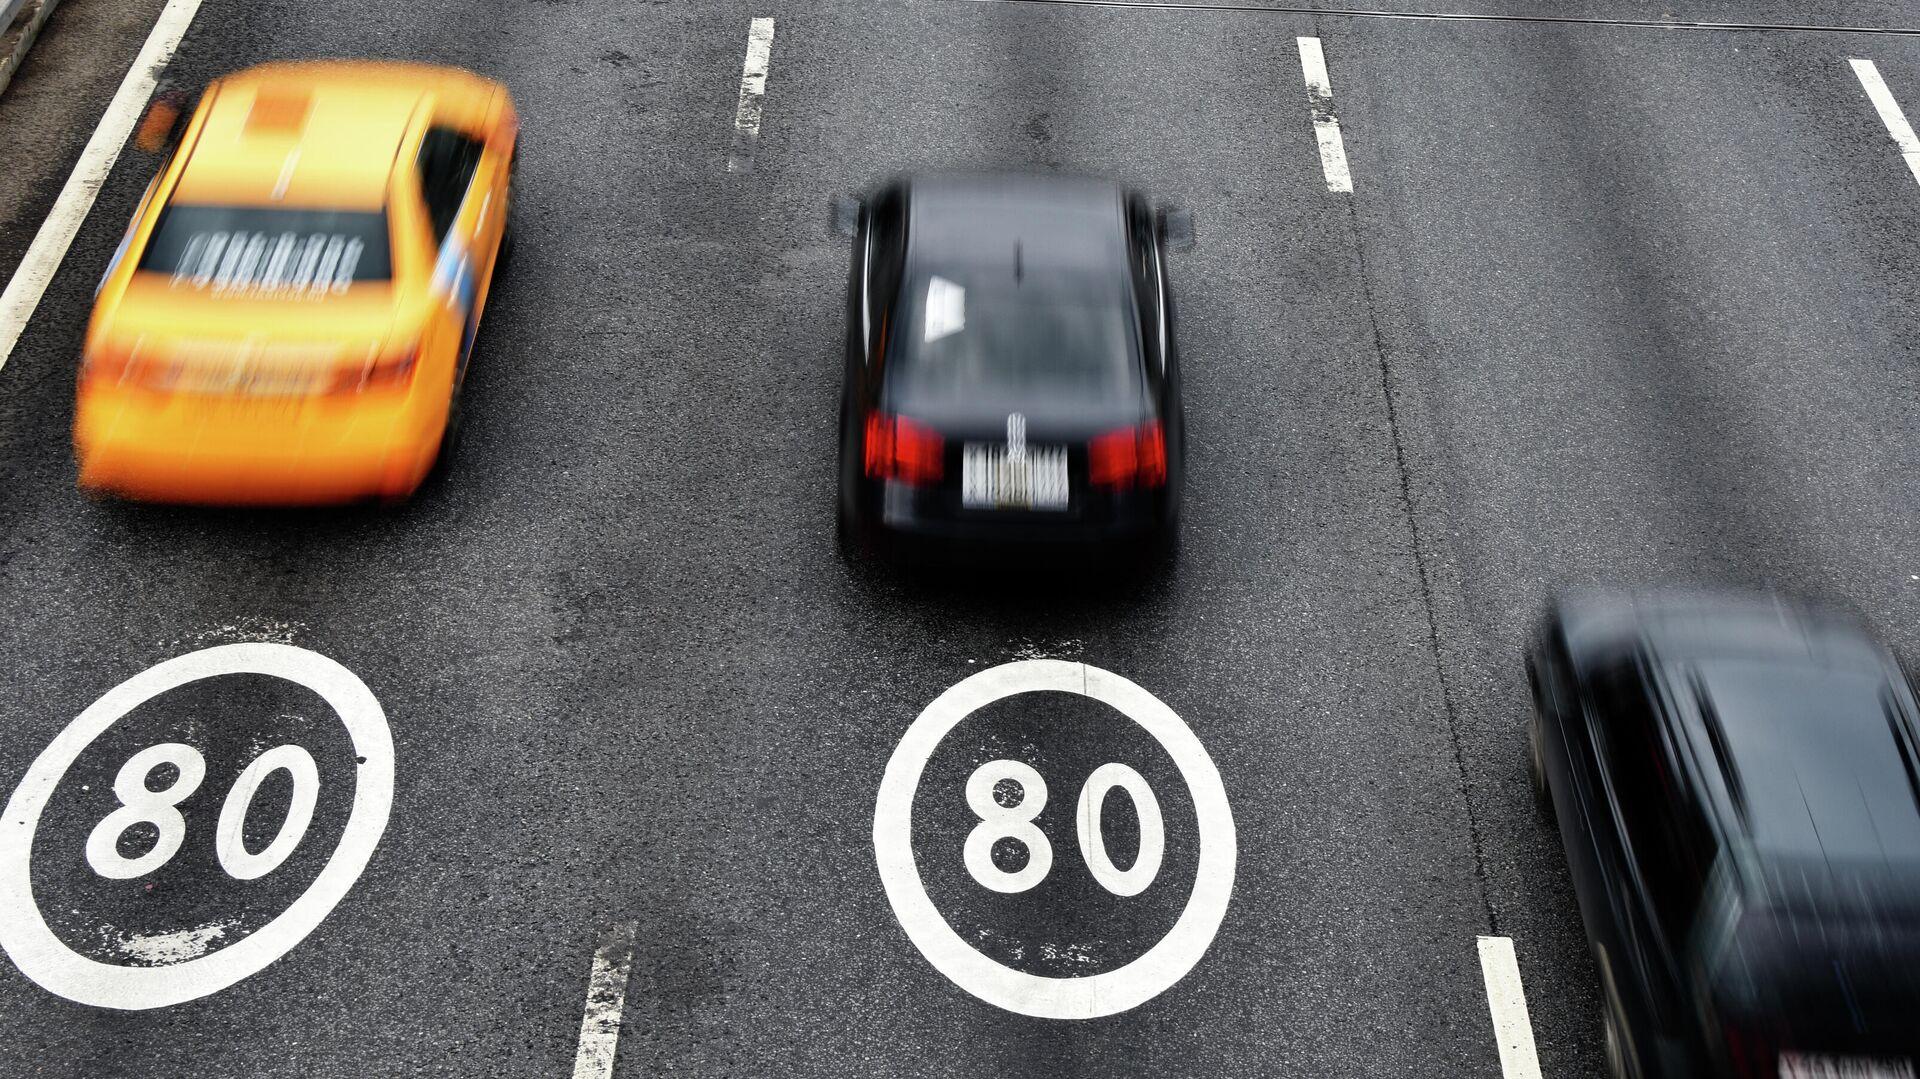 Автомобили на участке Третьего транспортного кольца в Москве с ограничением скорости 80 км/ч - РИА Новости, 1920, 01.02.2021